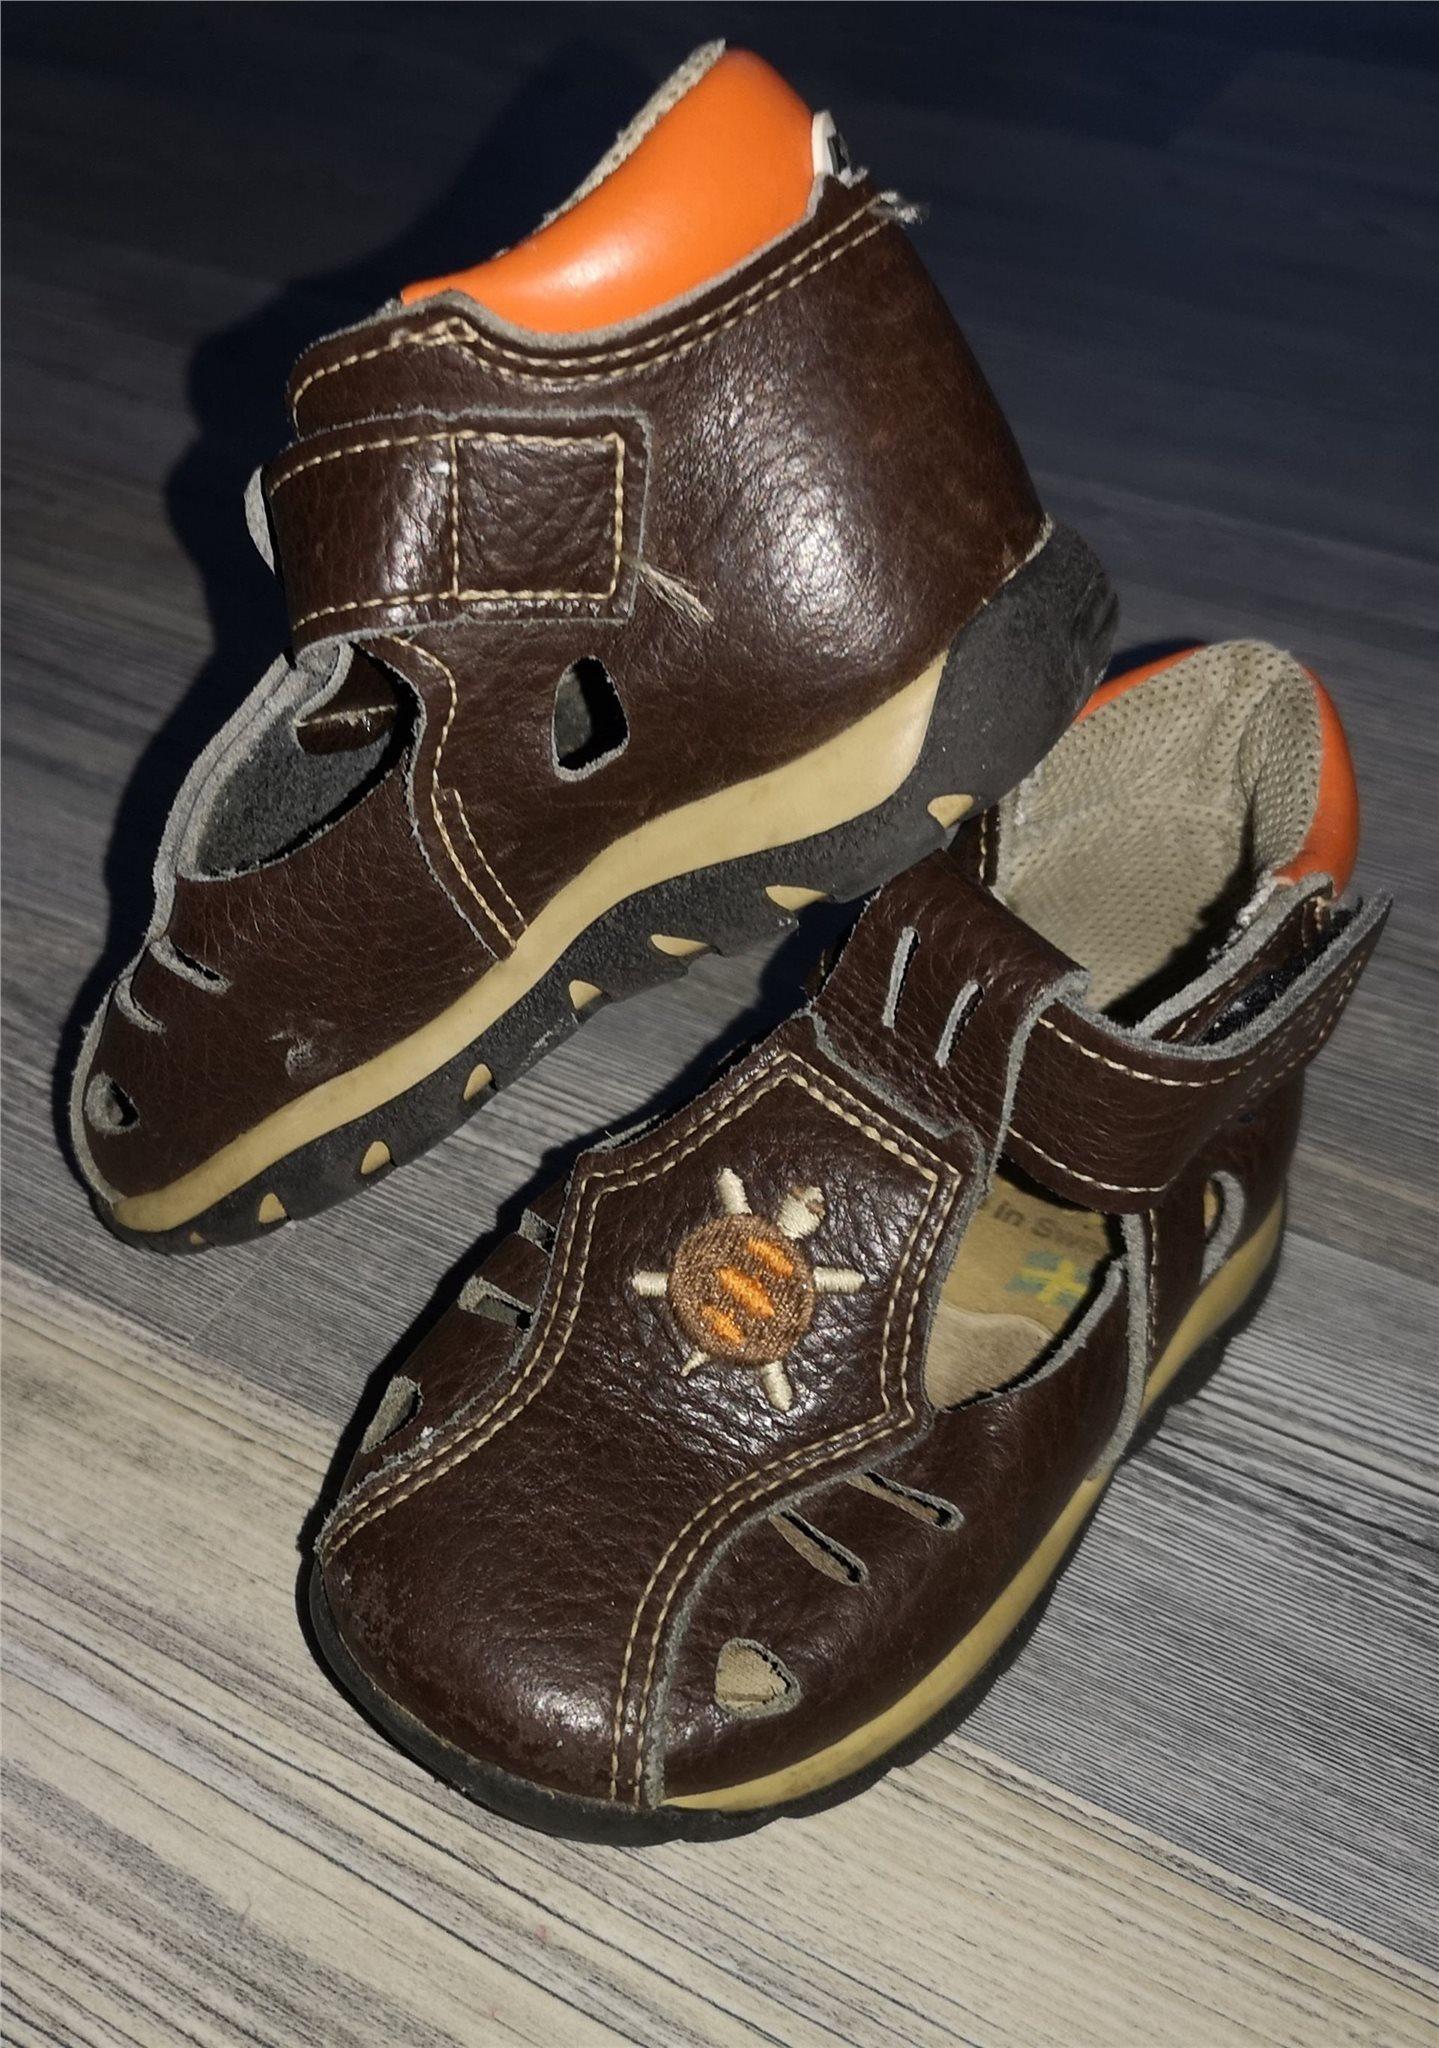 7b814819031 KAVAT Sandaler läder 22 högt skaft brun/orange .. (340088524) ᐈ Köp ...